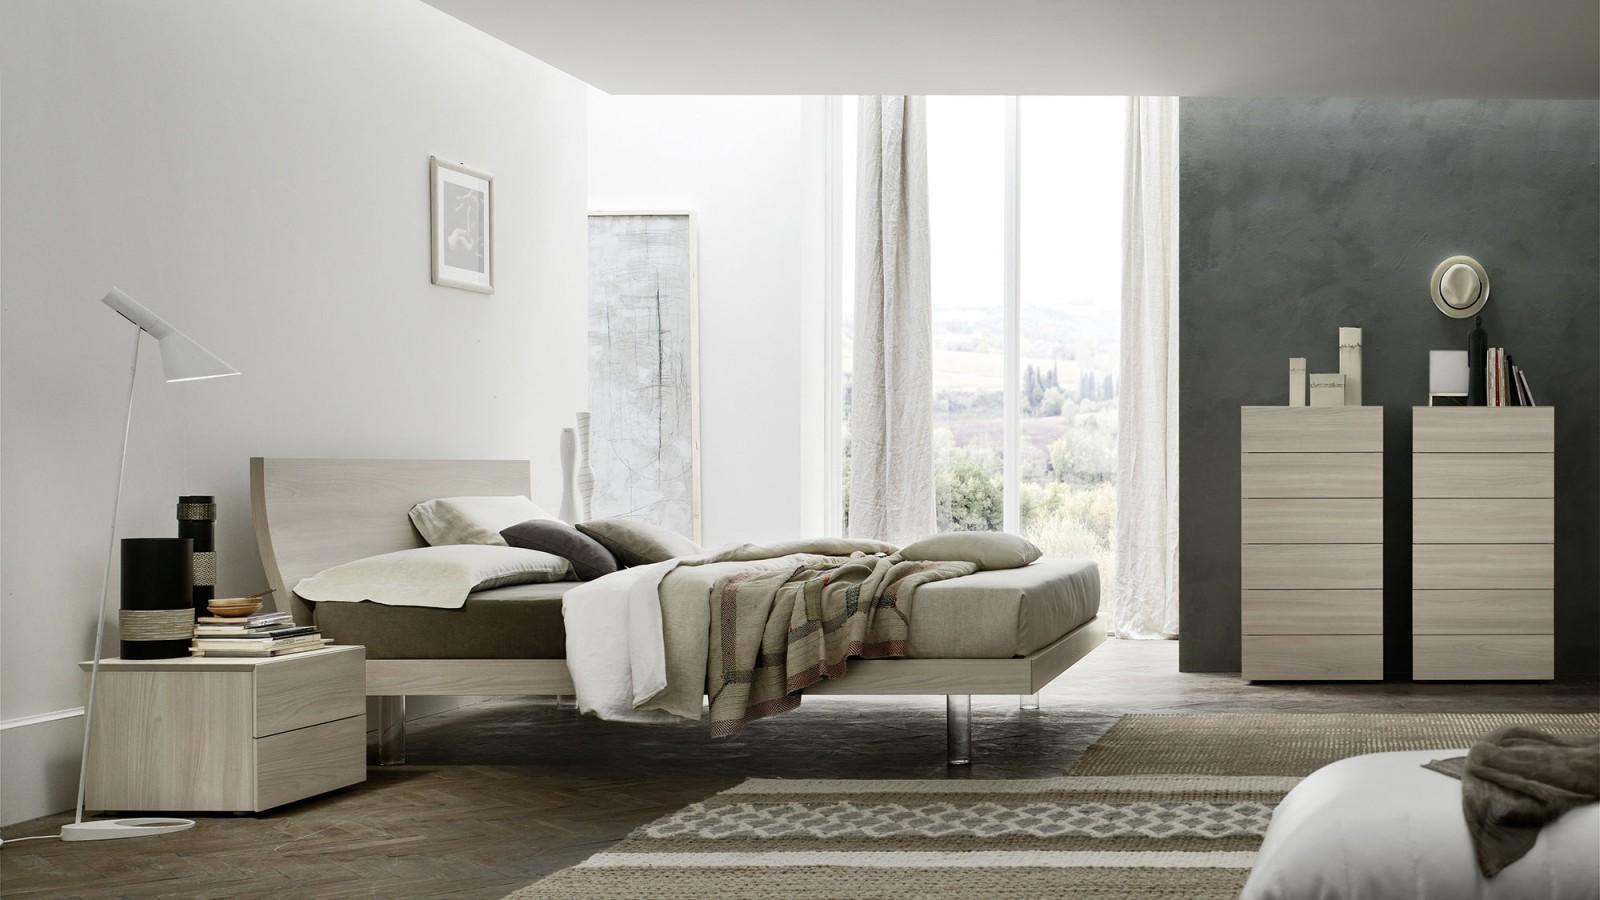 Moderne - Camere da letto moderne roma ...